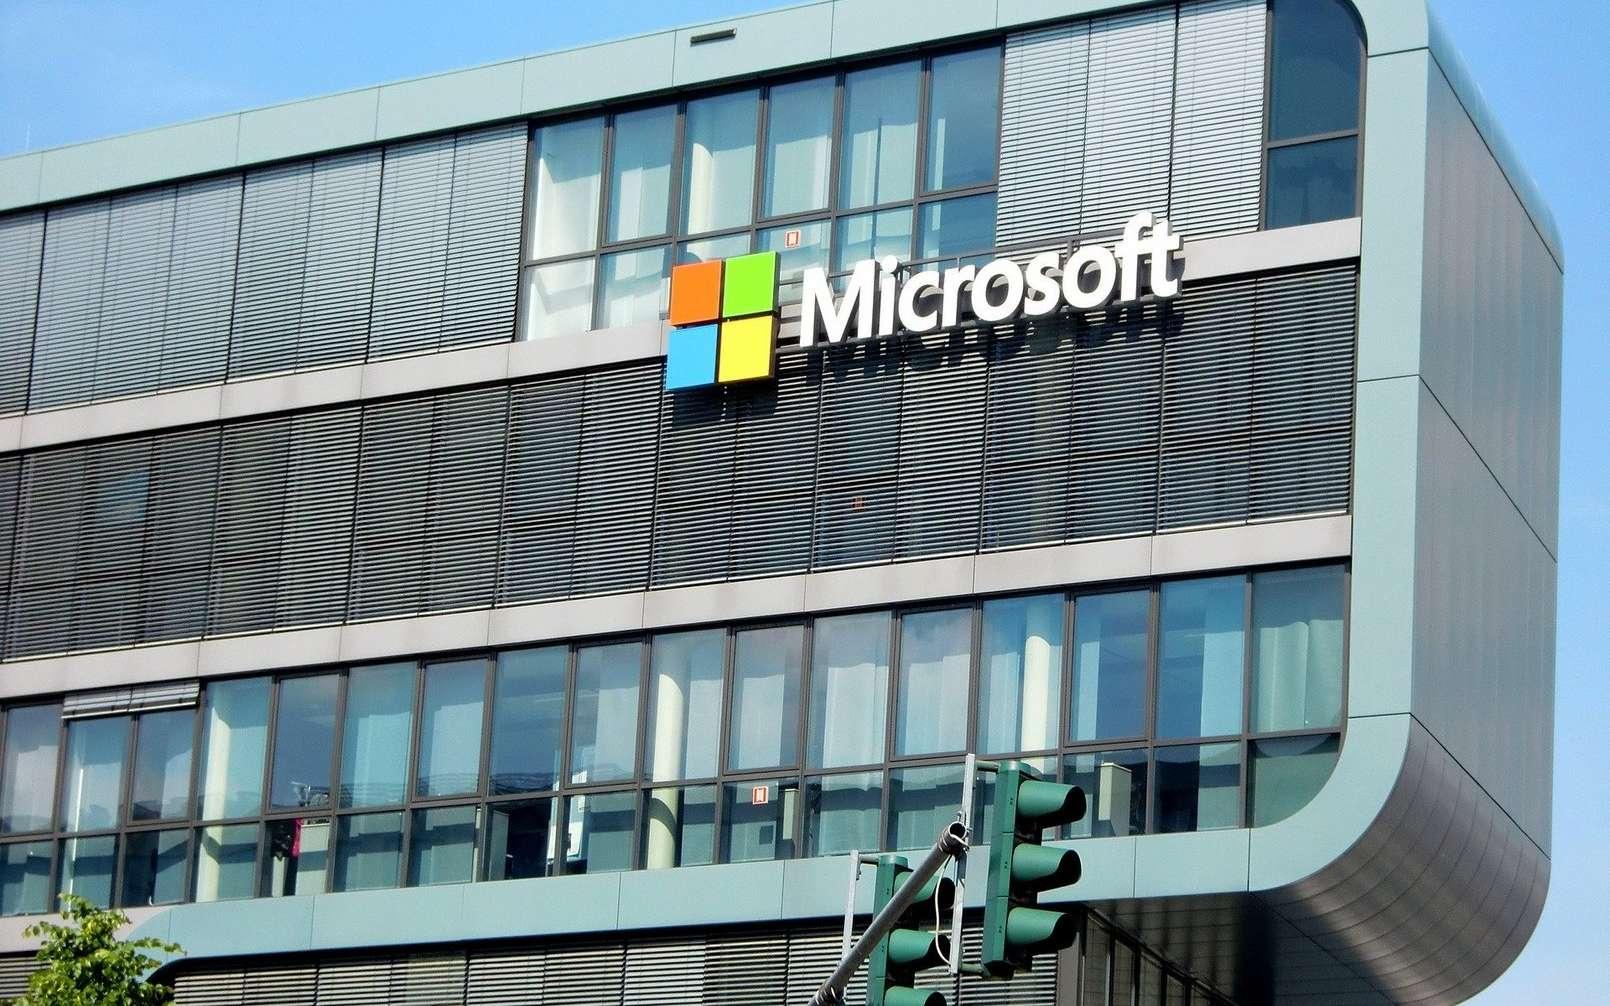 Microsoft est la première grande entreprise de la tech à se fixer de tels objectifs environnementaux. © Efes Kitap, Pixabay